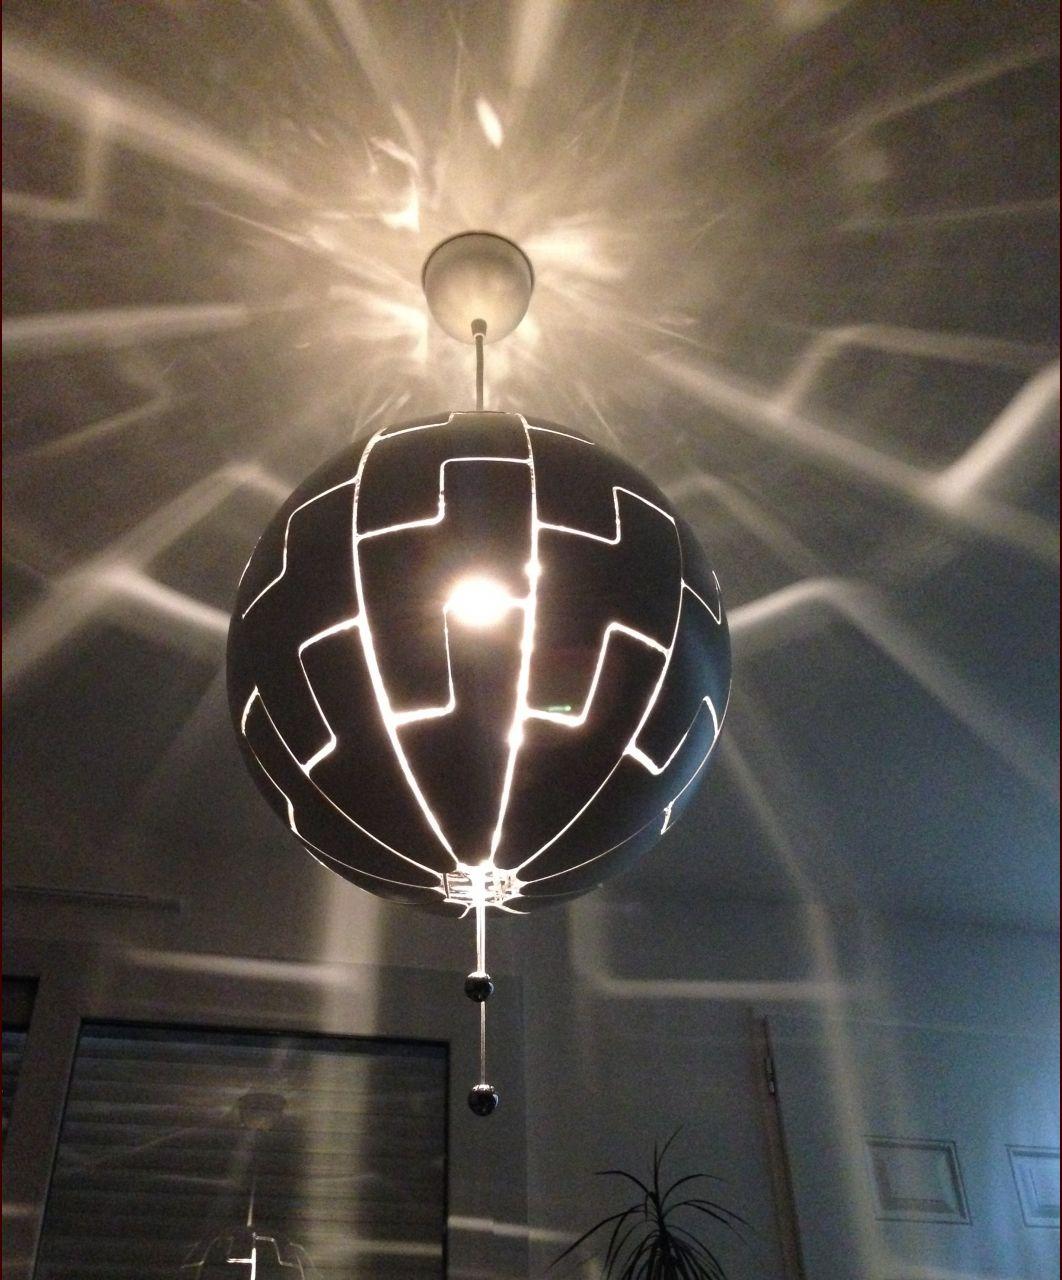 petites nouvelles et craquage sur un luminaire ligueil indre et loire. Black Bedroom Furniture Sets. Home Design Ideas